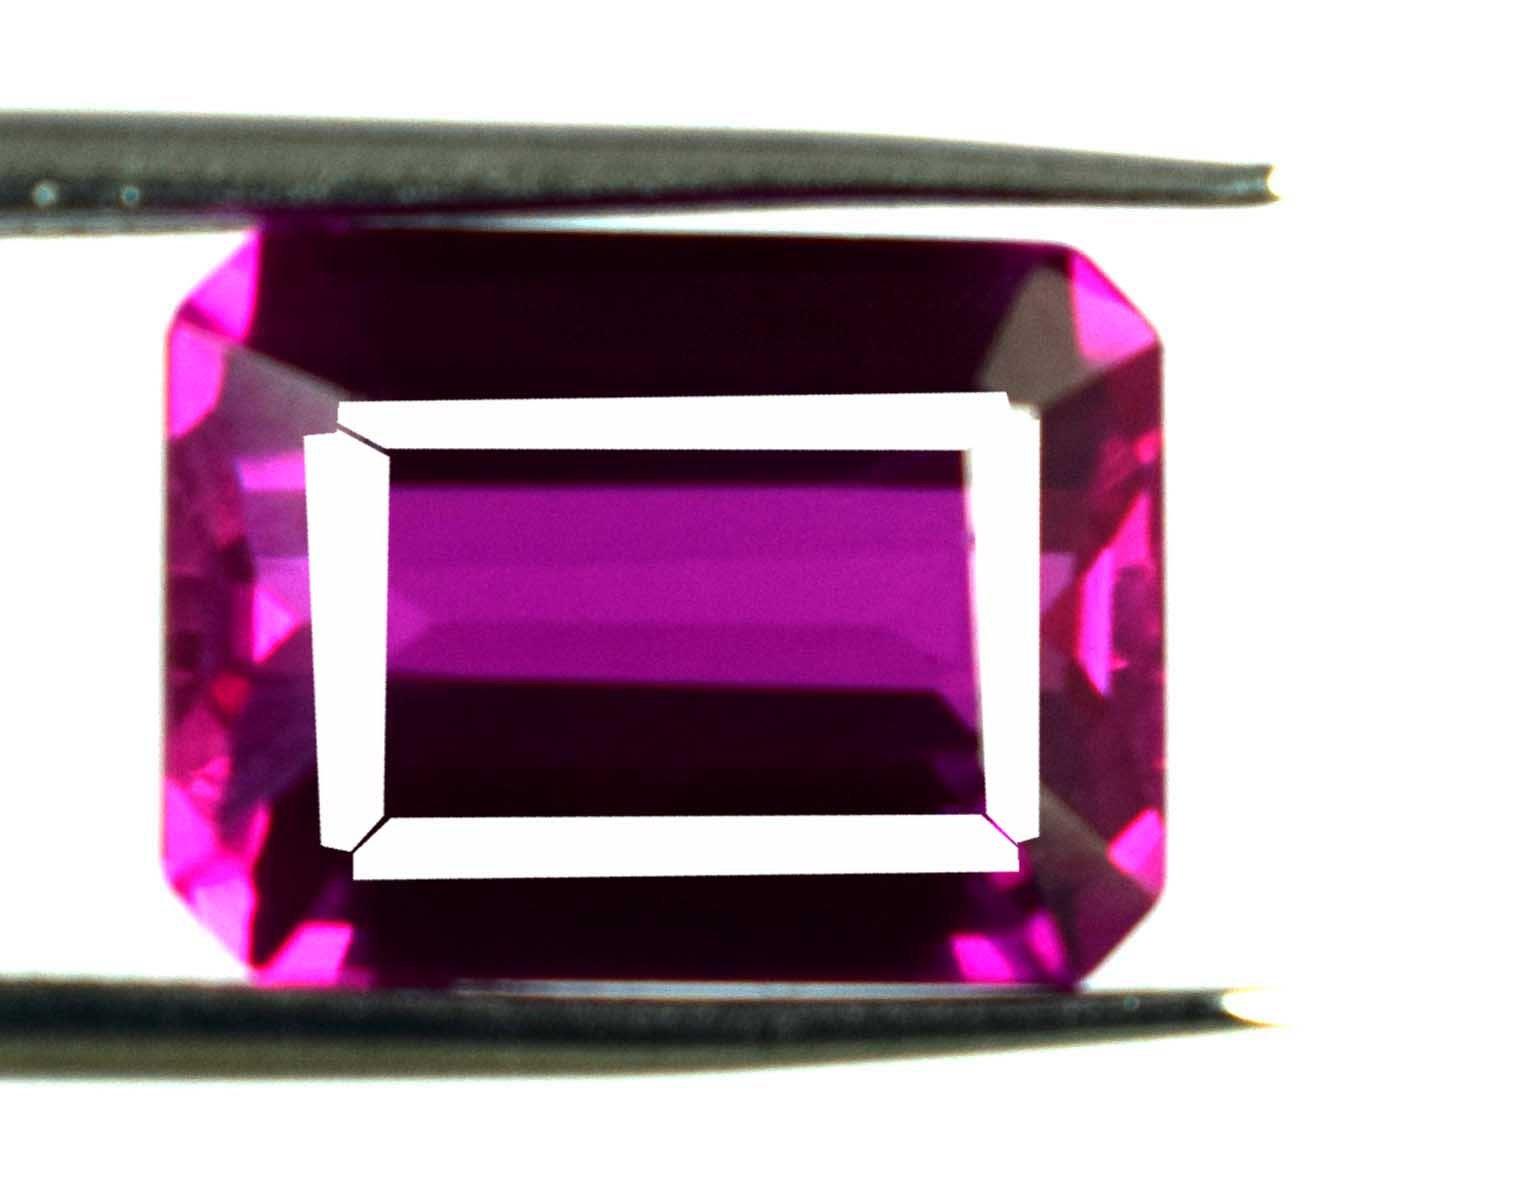 100 % % % naturel Malaya rose grenat pierres précieuses en vrac Ct 9,70 AGSL certifié octogone coupe Super Sale D312 ab2473